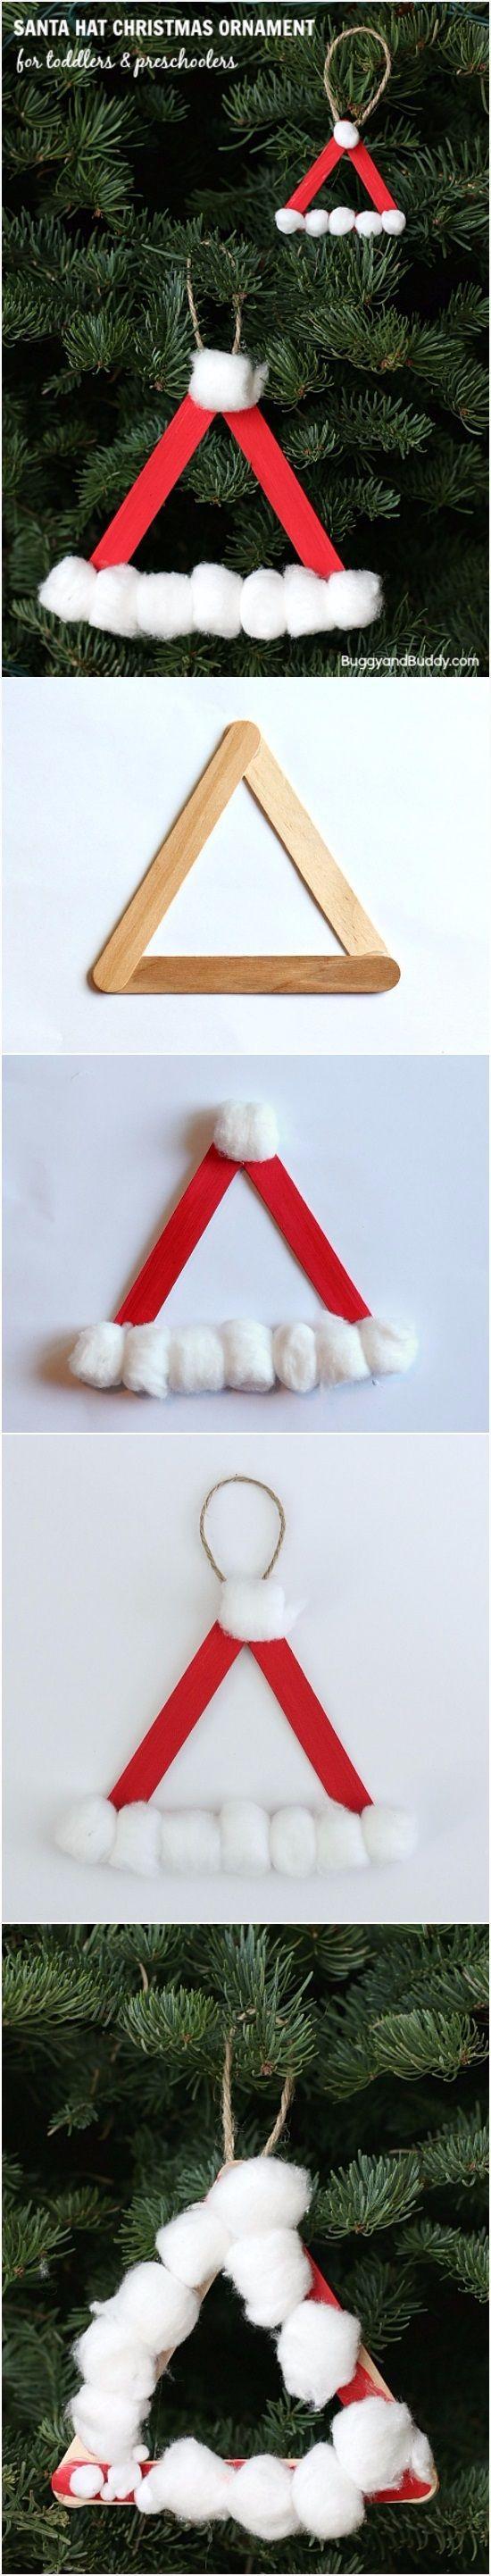 Santa Hat Homemade Christmas Ornament Using Craft Sticks | diyfunidea.com